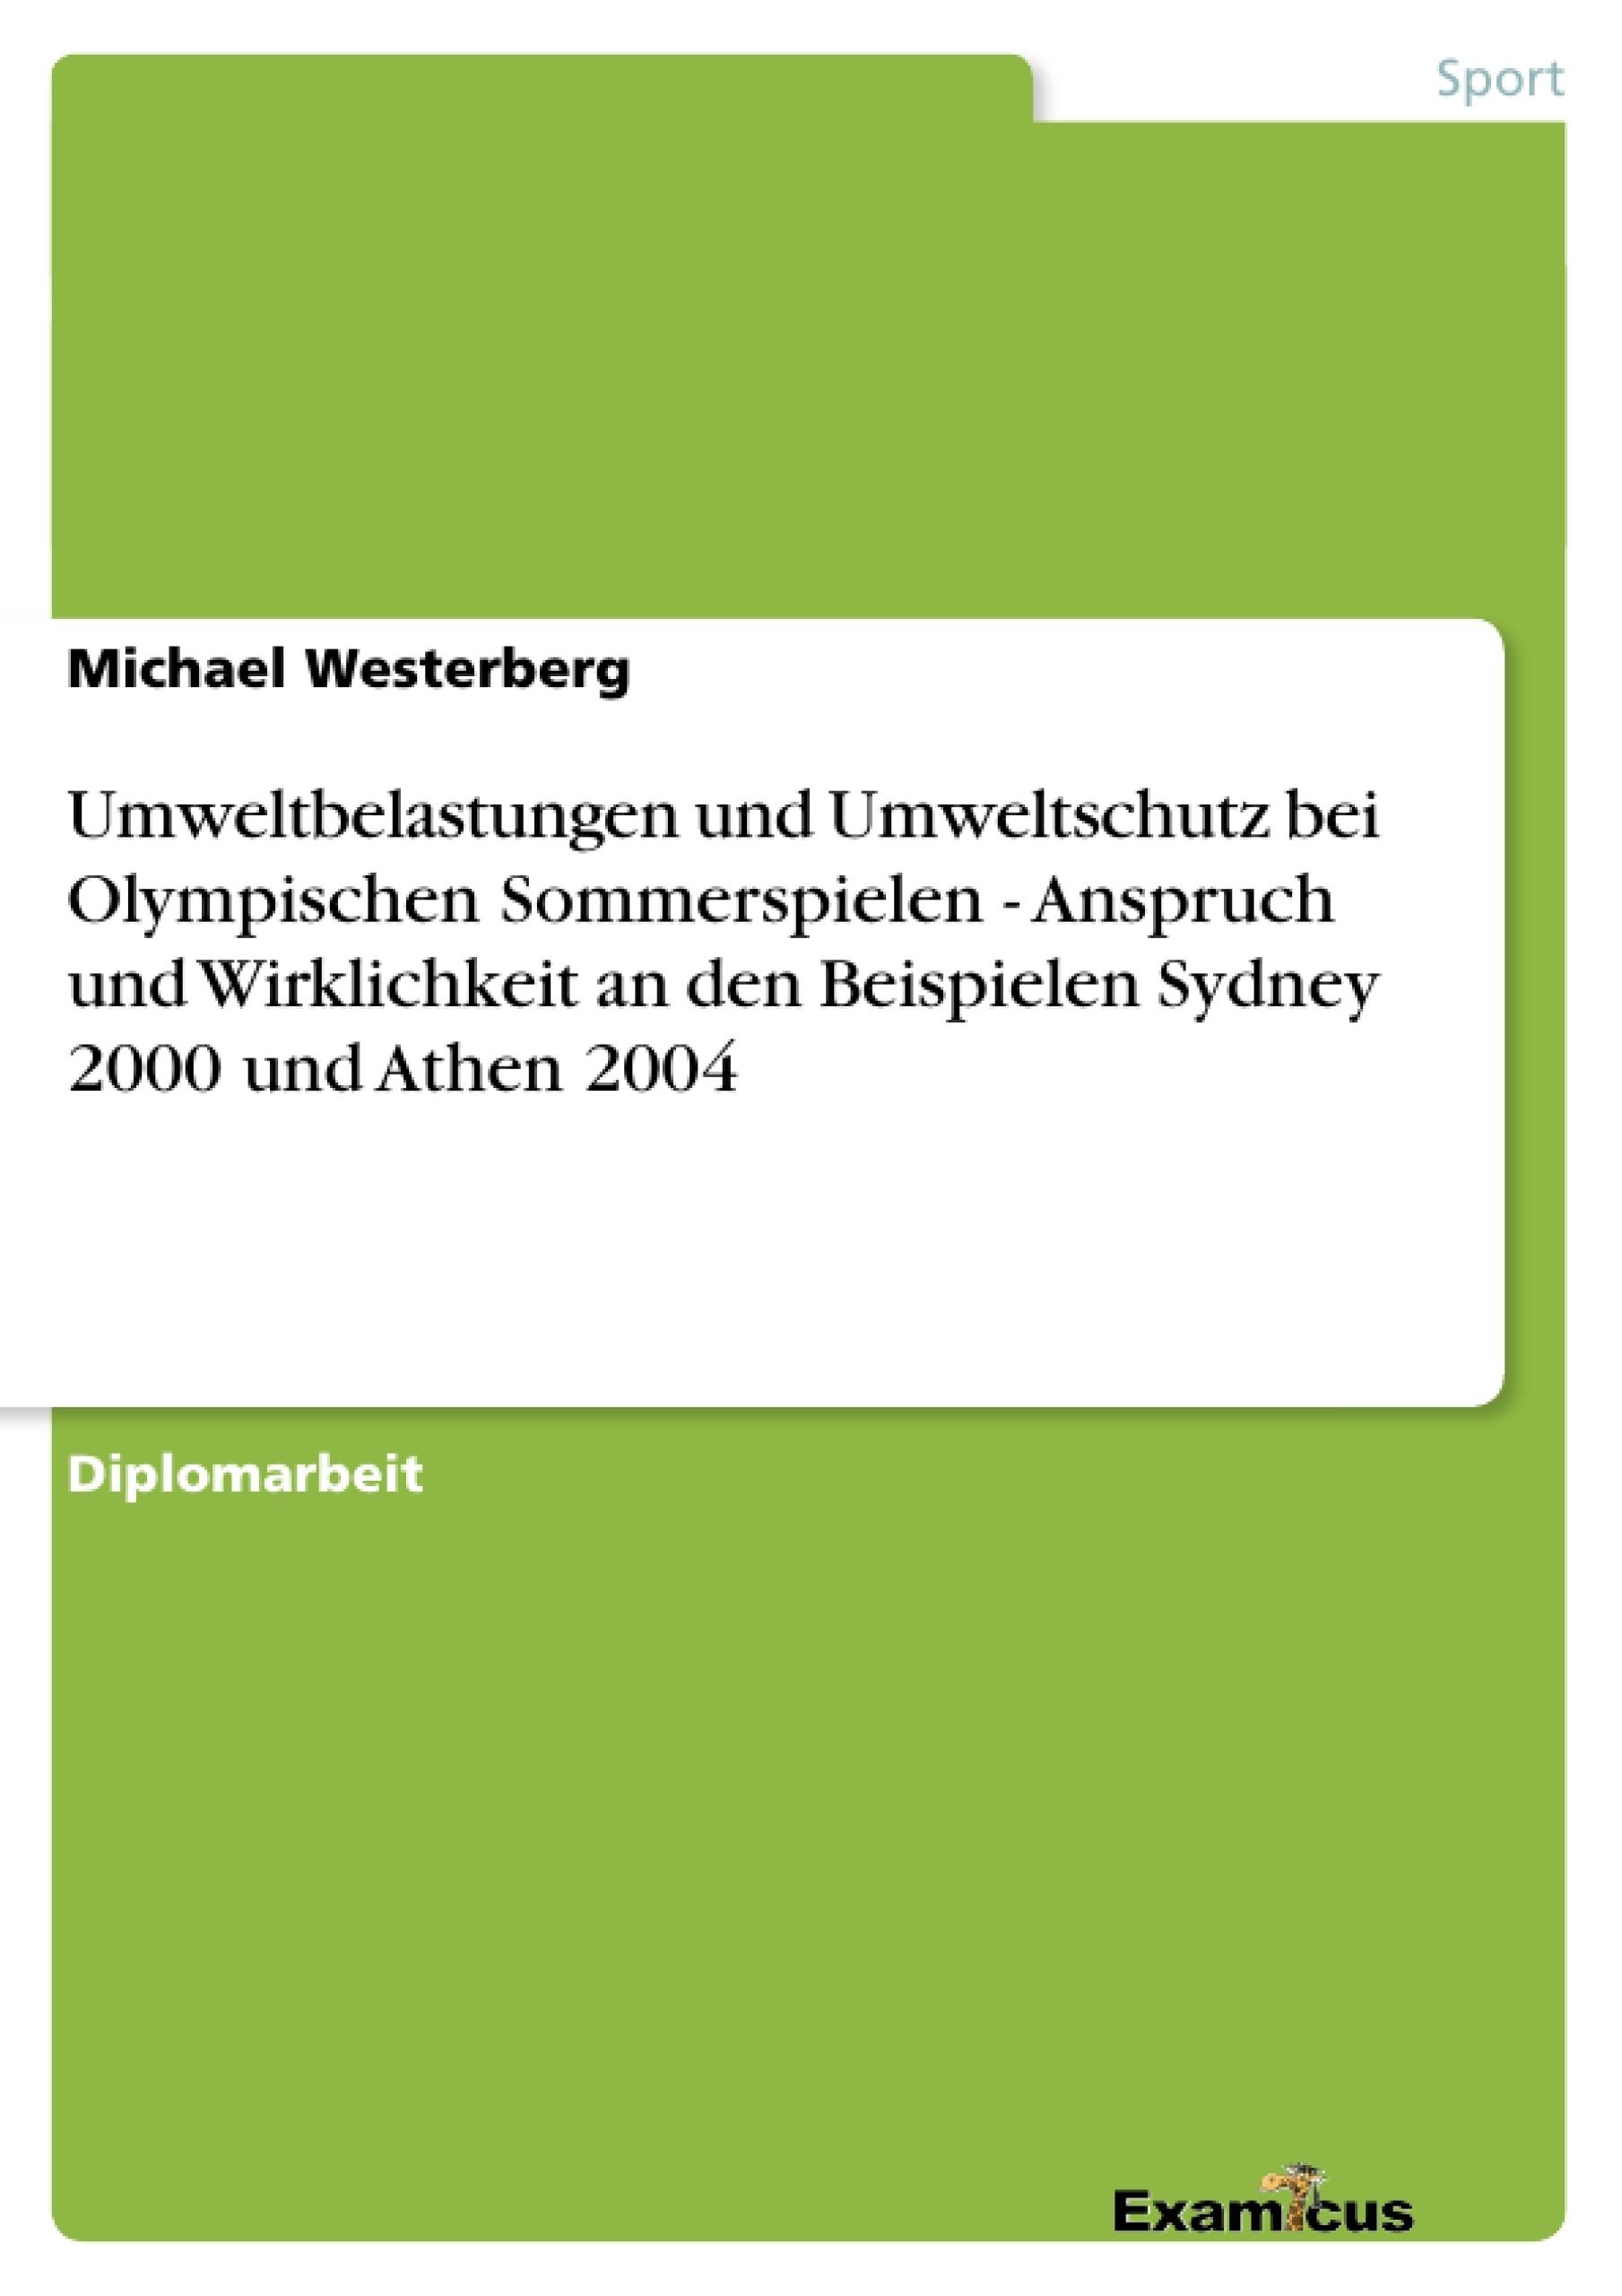 Titel: Umweltbelastungen und Umweltschutz bei Olympischen Sommerspielen - Anspruch und Wirklichkeit an den Beispielen Sydney 2000 und Athen 2004